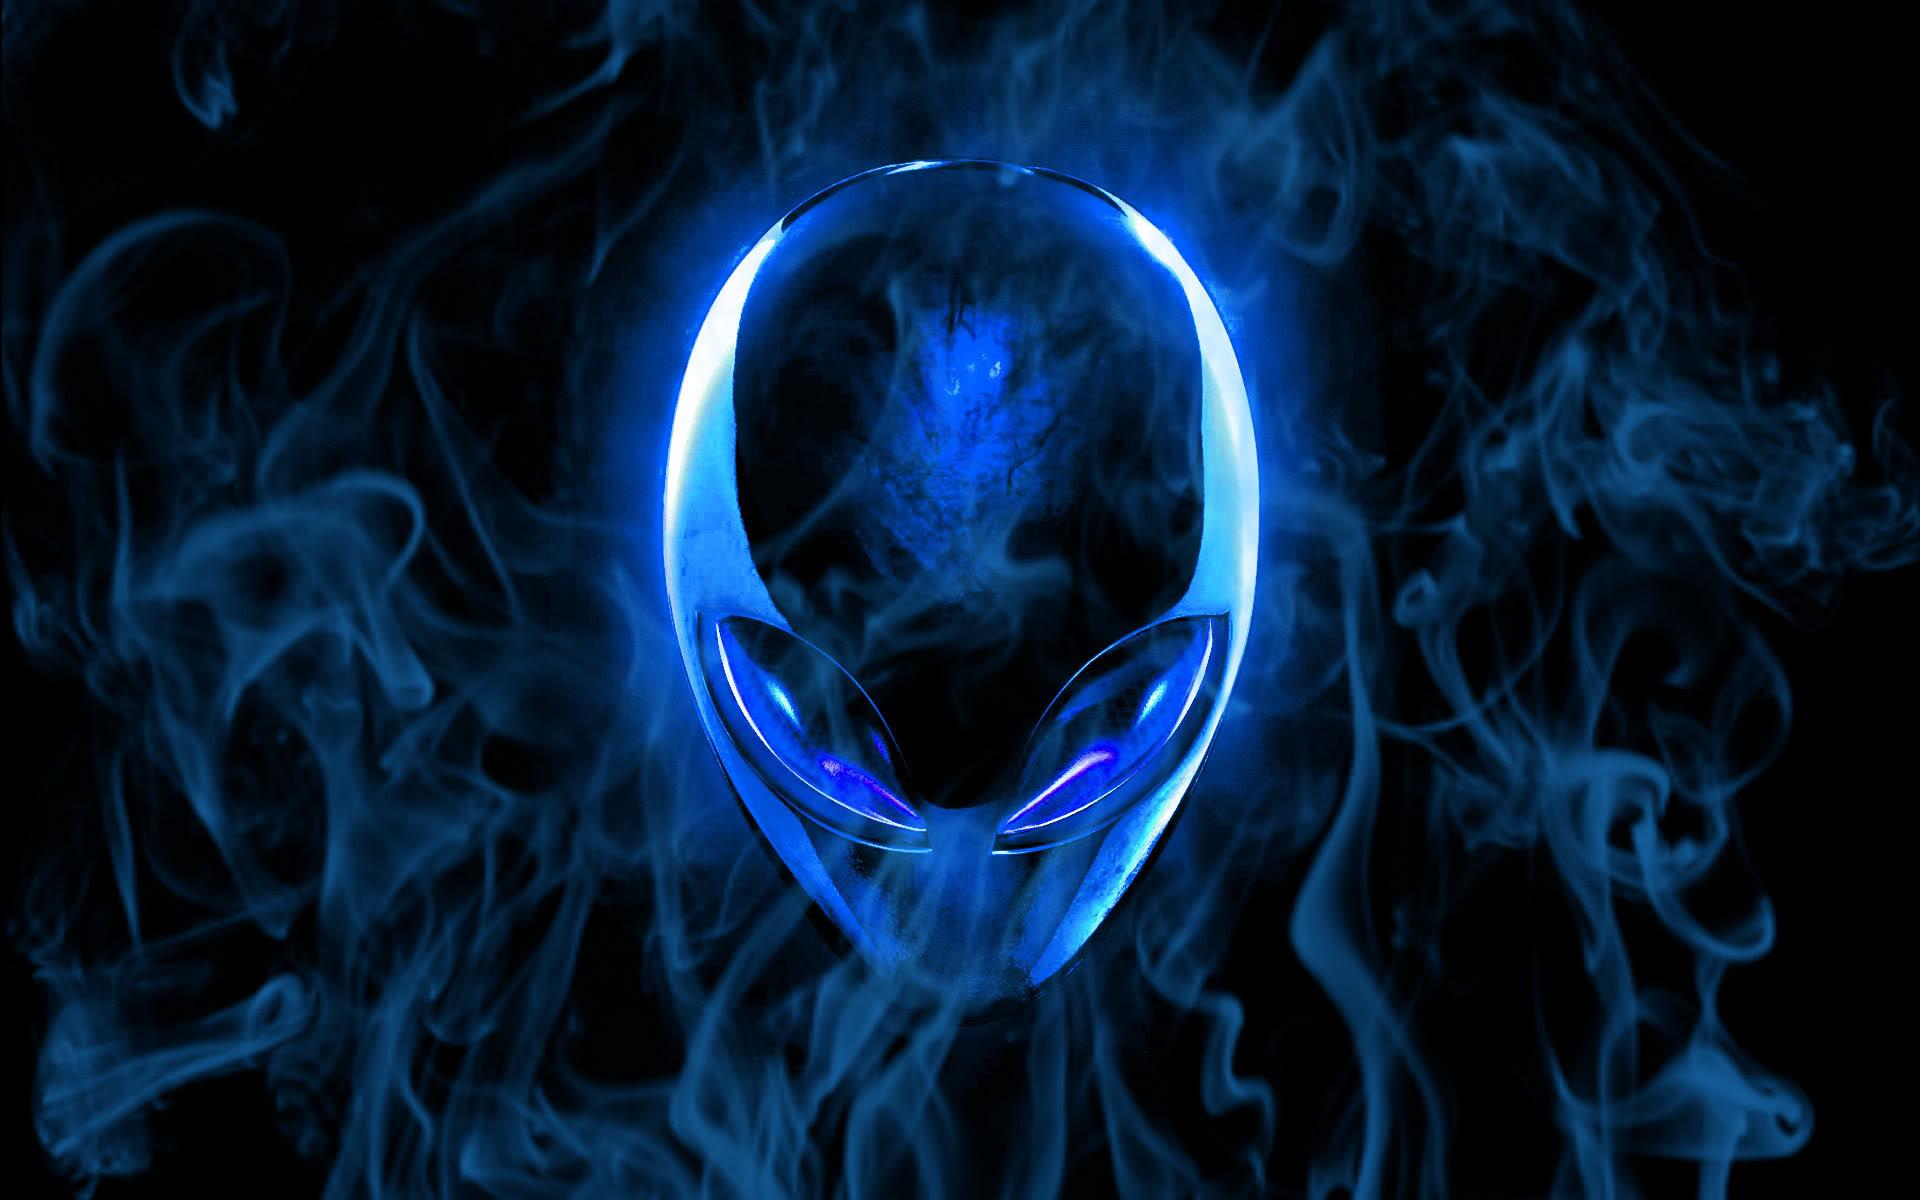 Alienware Desktop Background Blue Flaming Alienware Head 1920x1200 Alienware Desktop Wallpaper Backgrounds Backgrounds Desktop